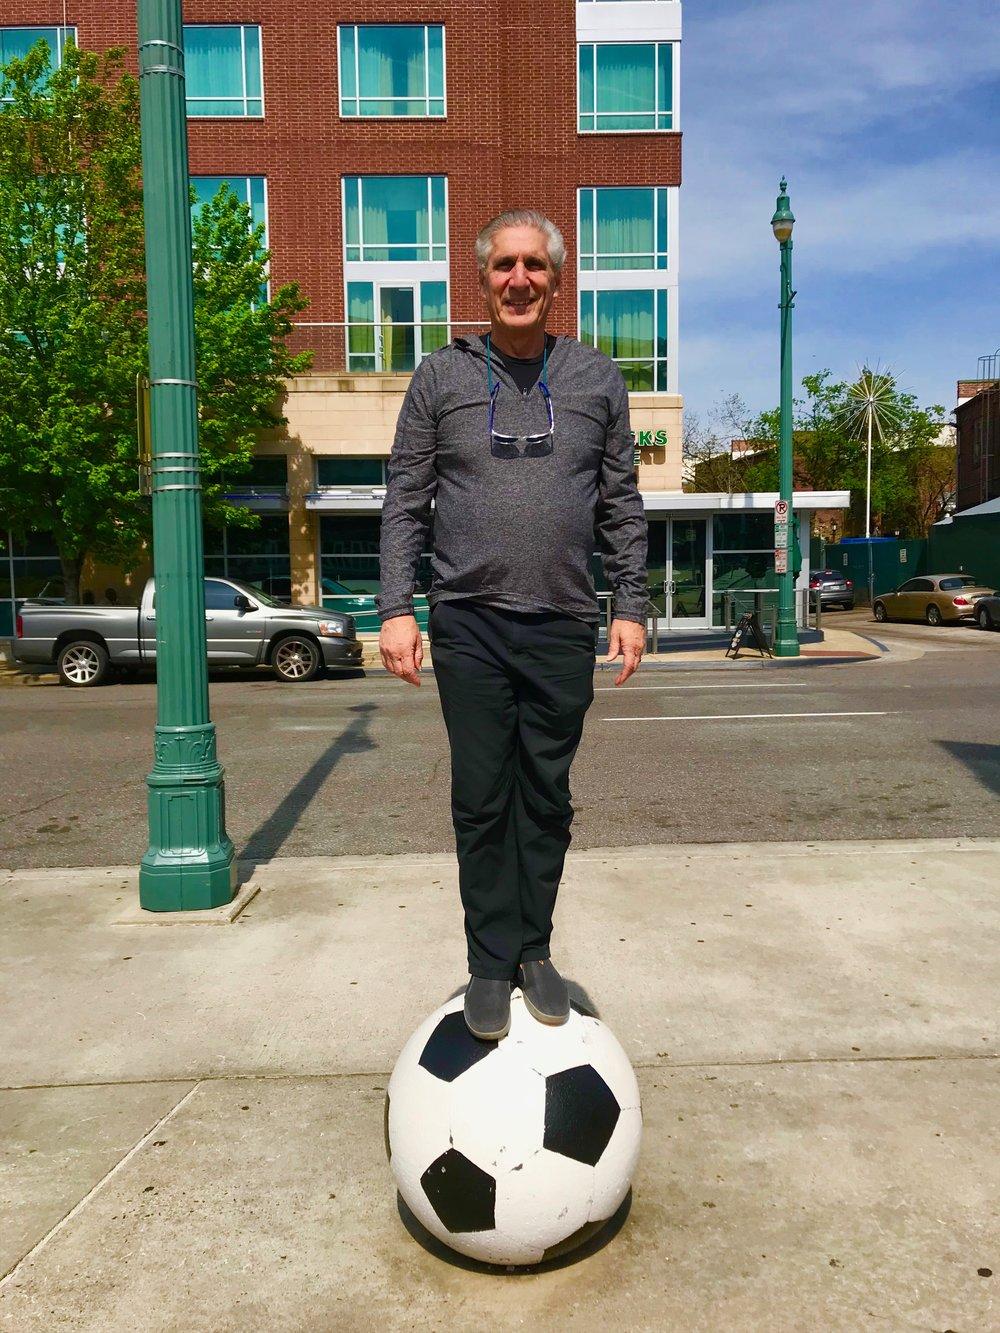 Standing on Soccer Ball.jpg